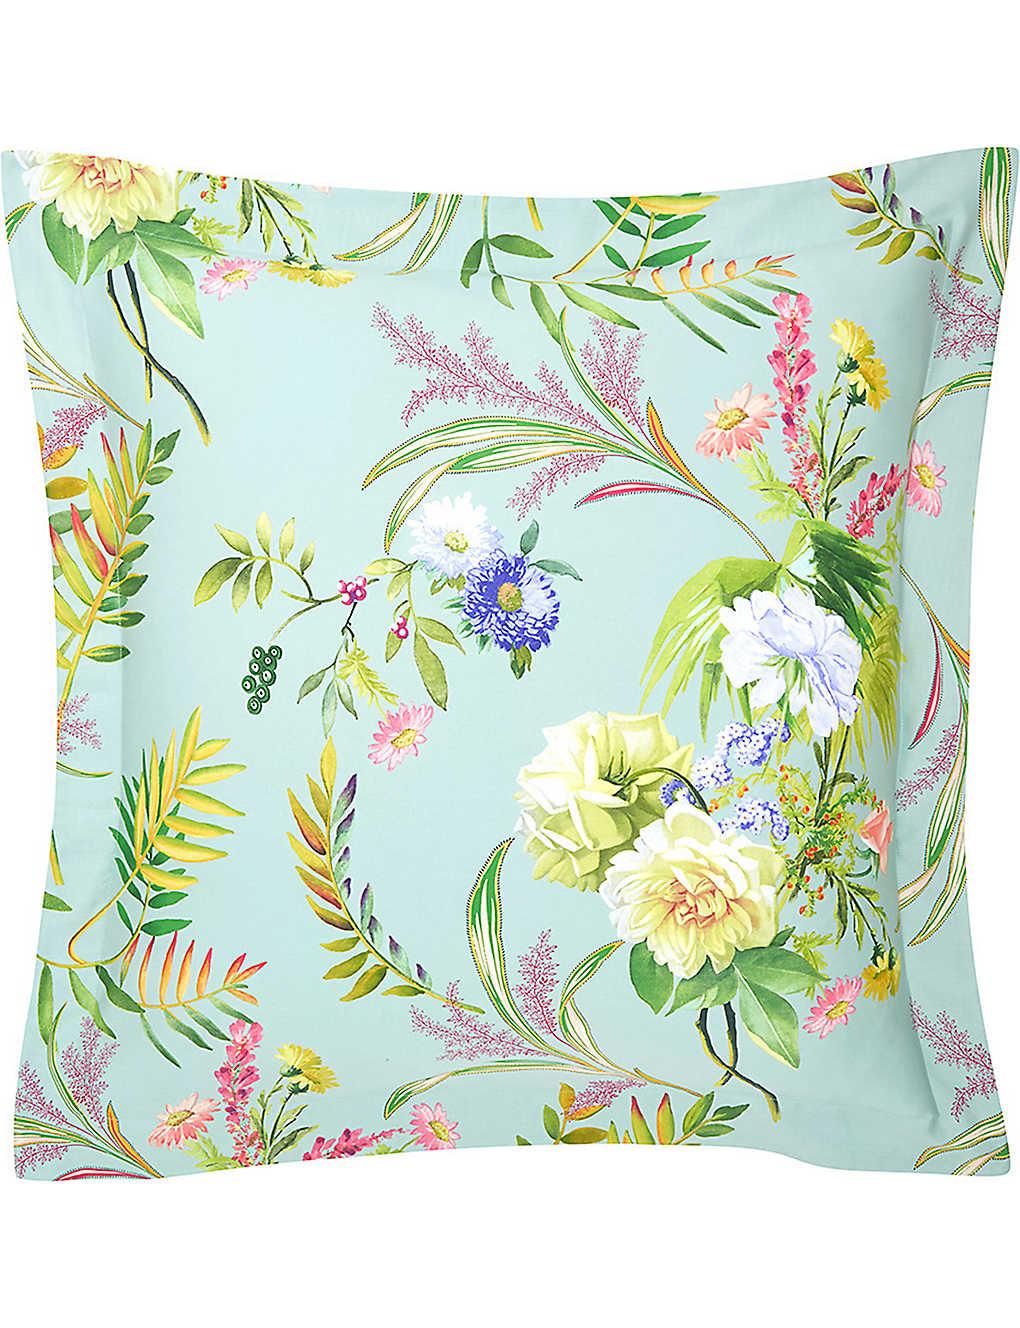 YVES DELORME - Bouquets square cotton pillow case  a859d3334